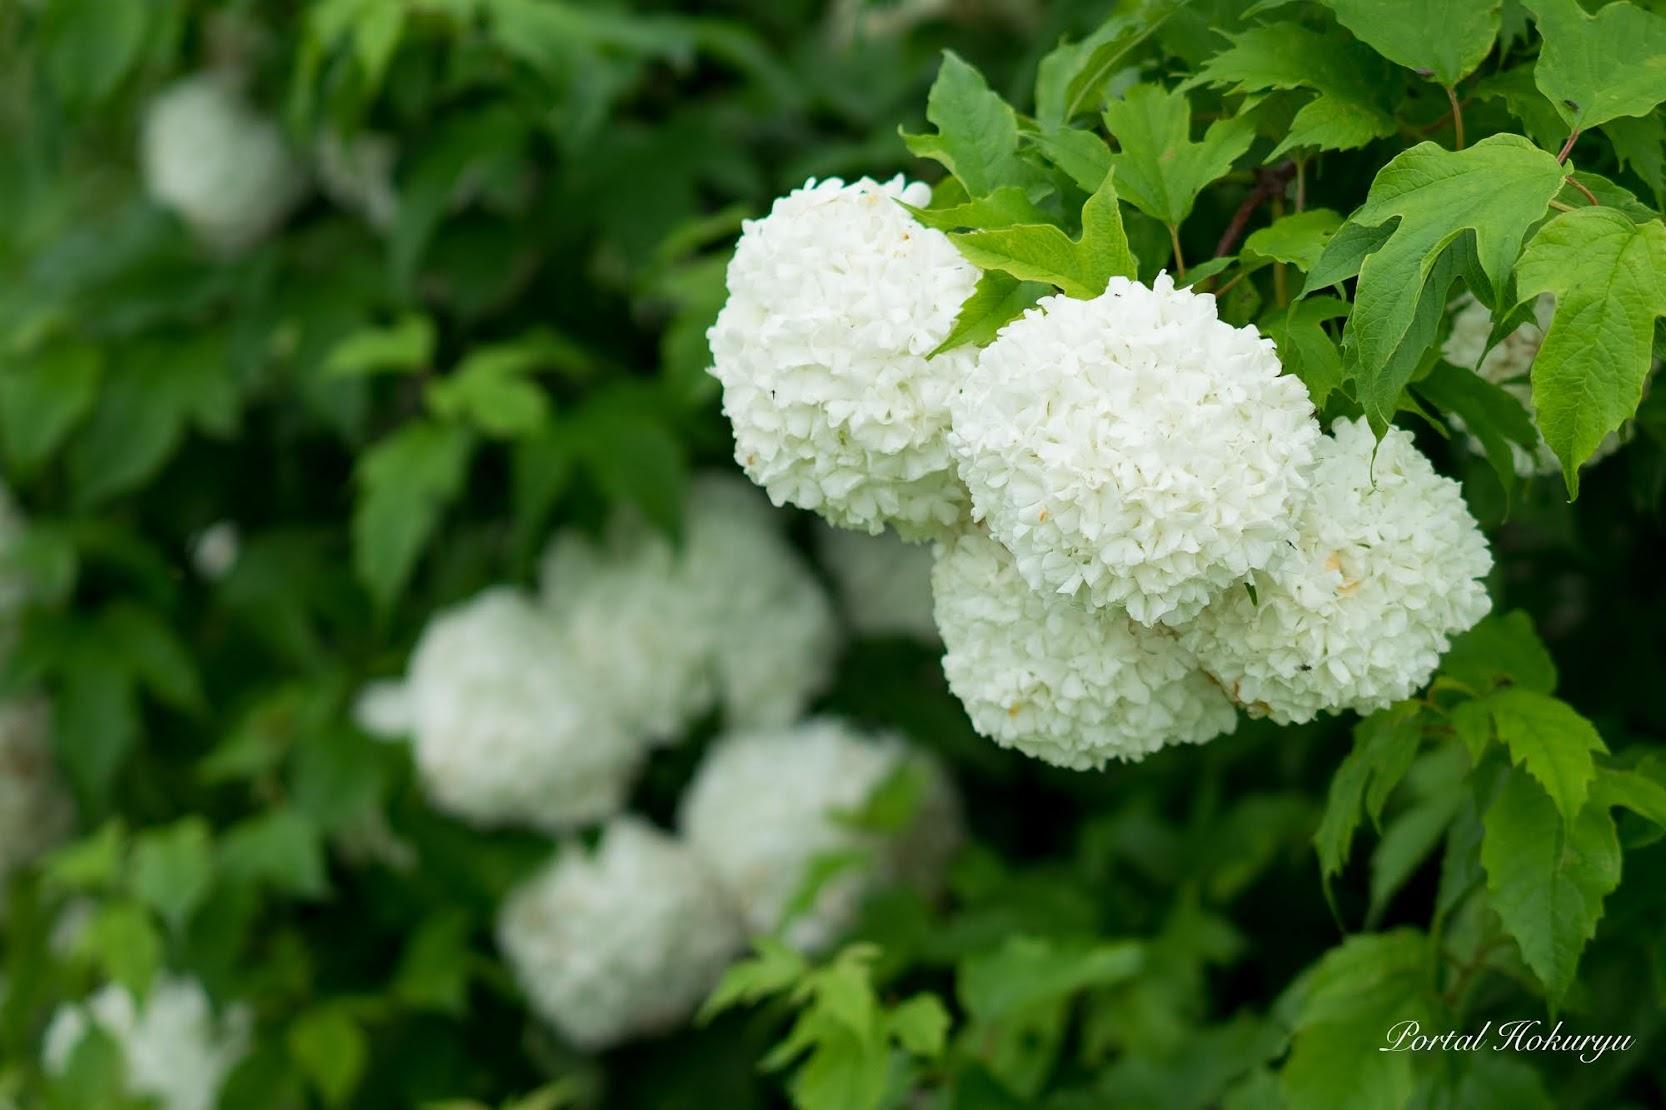 白い手鞠のような花